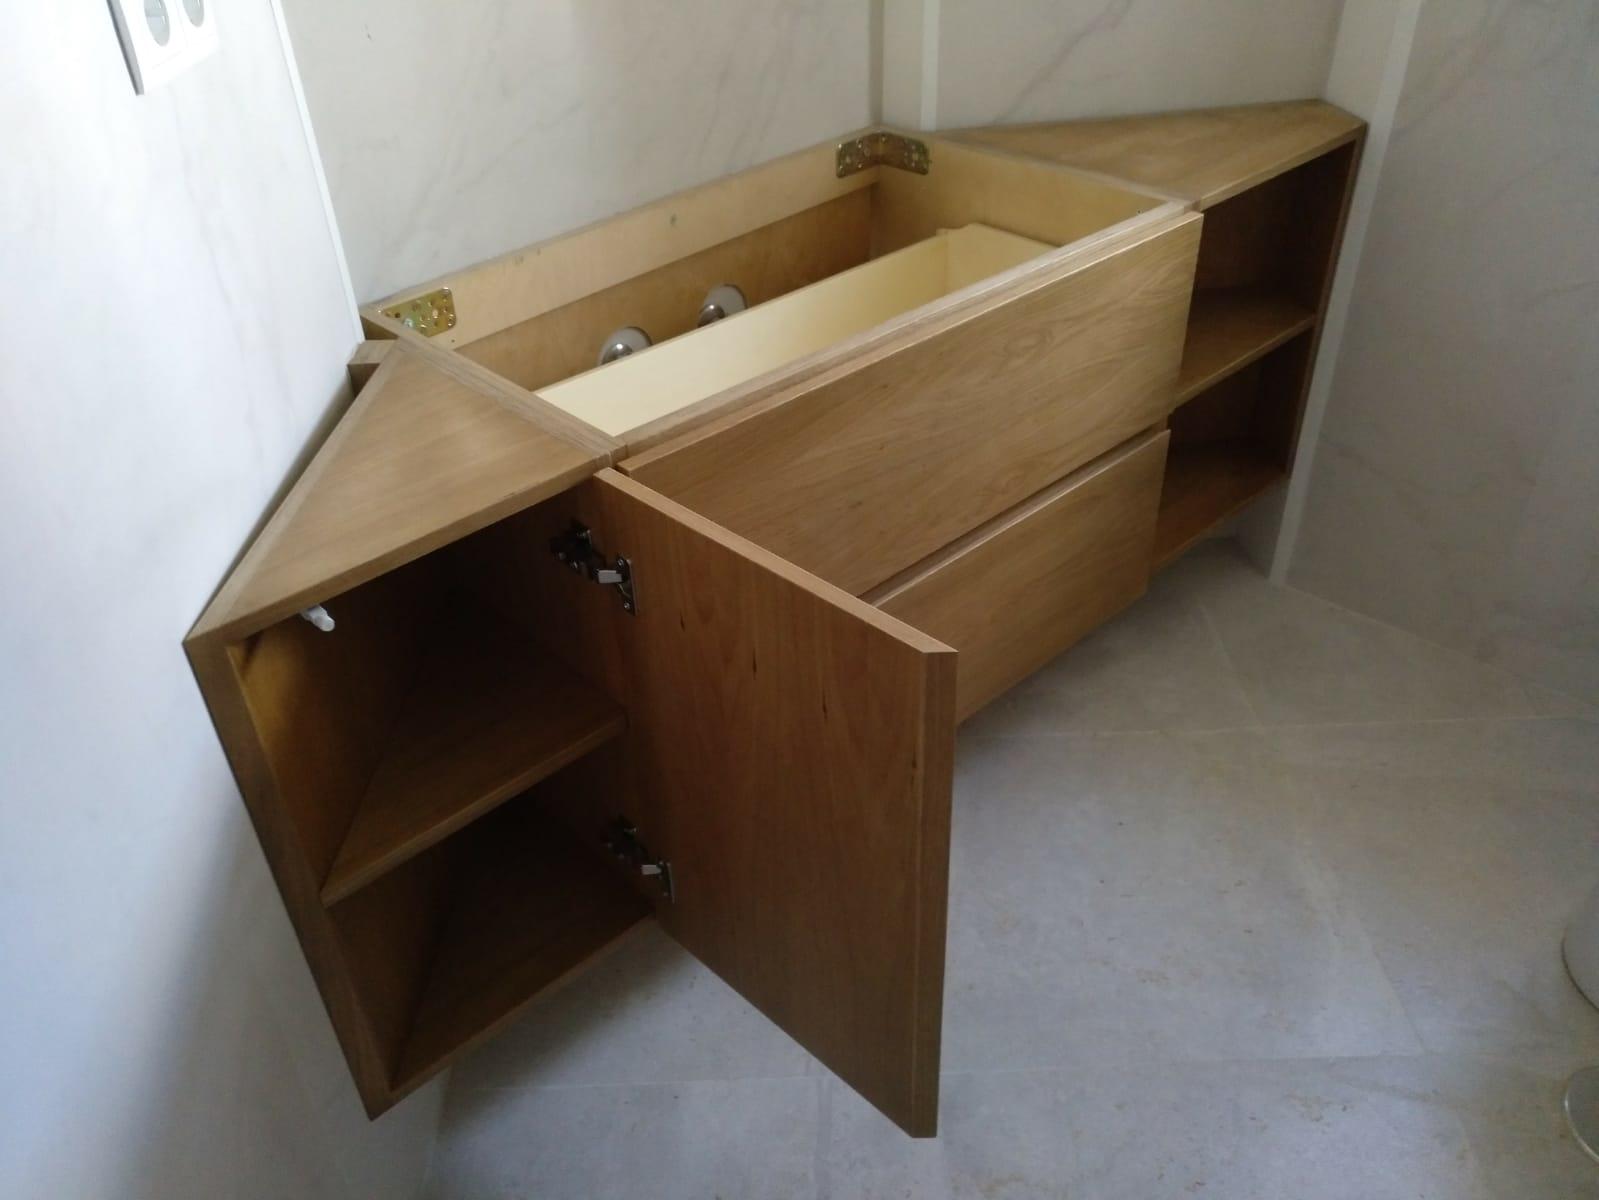 Móvel lavatório de canto de carvalho - Meuble sous-vasque d'angle en chêne